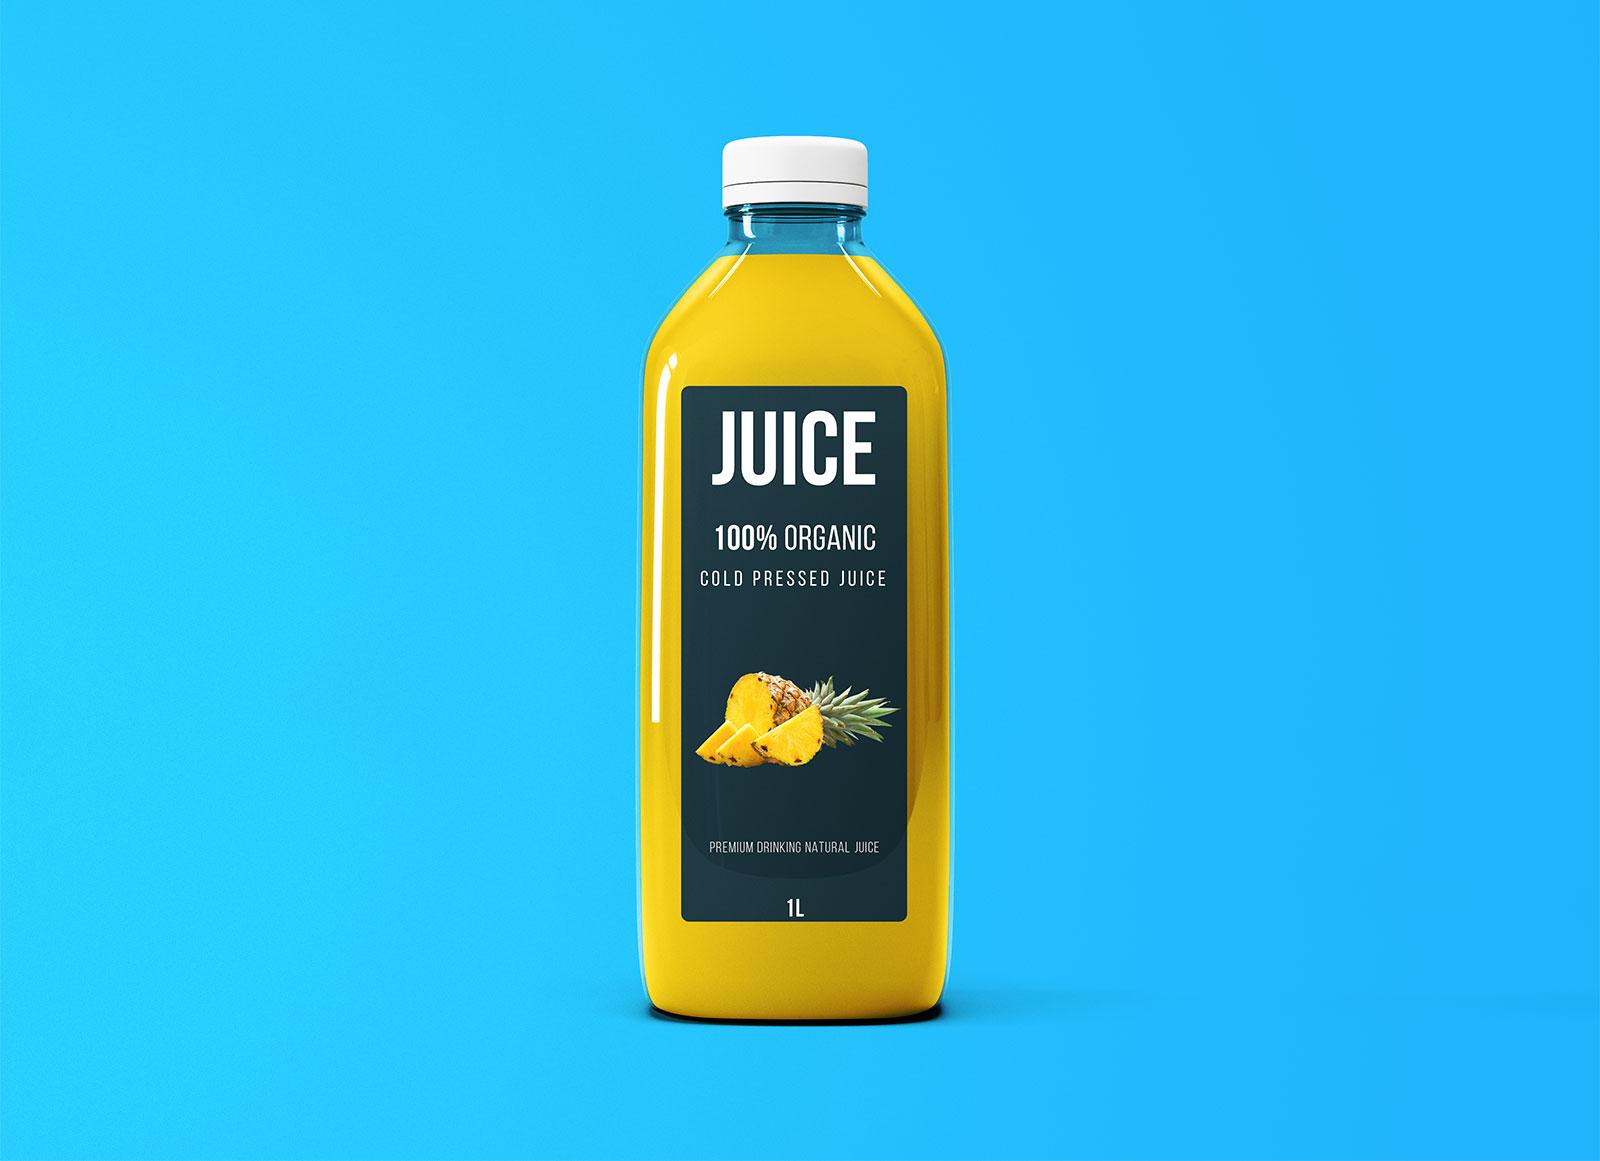 Free-Large-Size-Juice-Bottle-Mockup-PSD